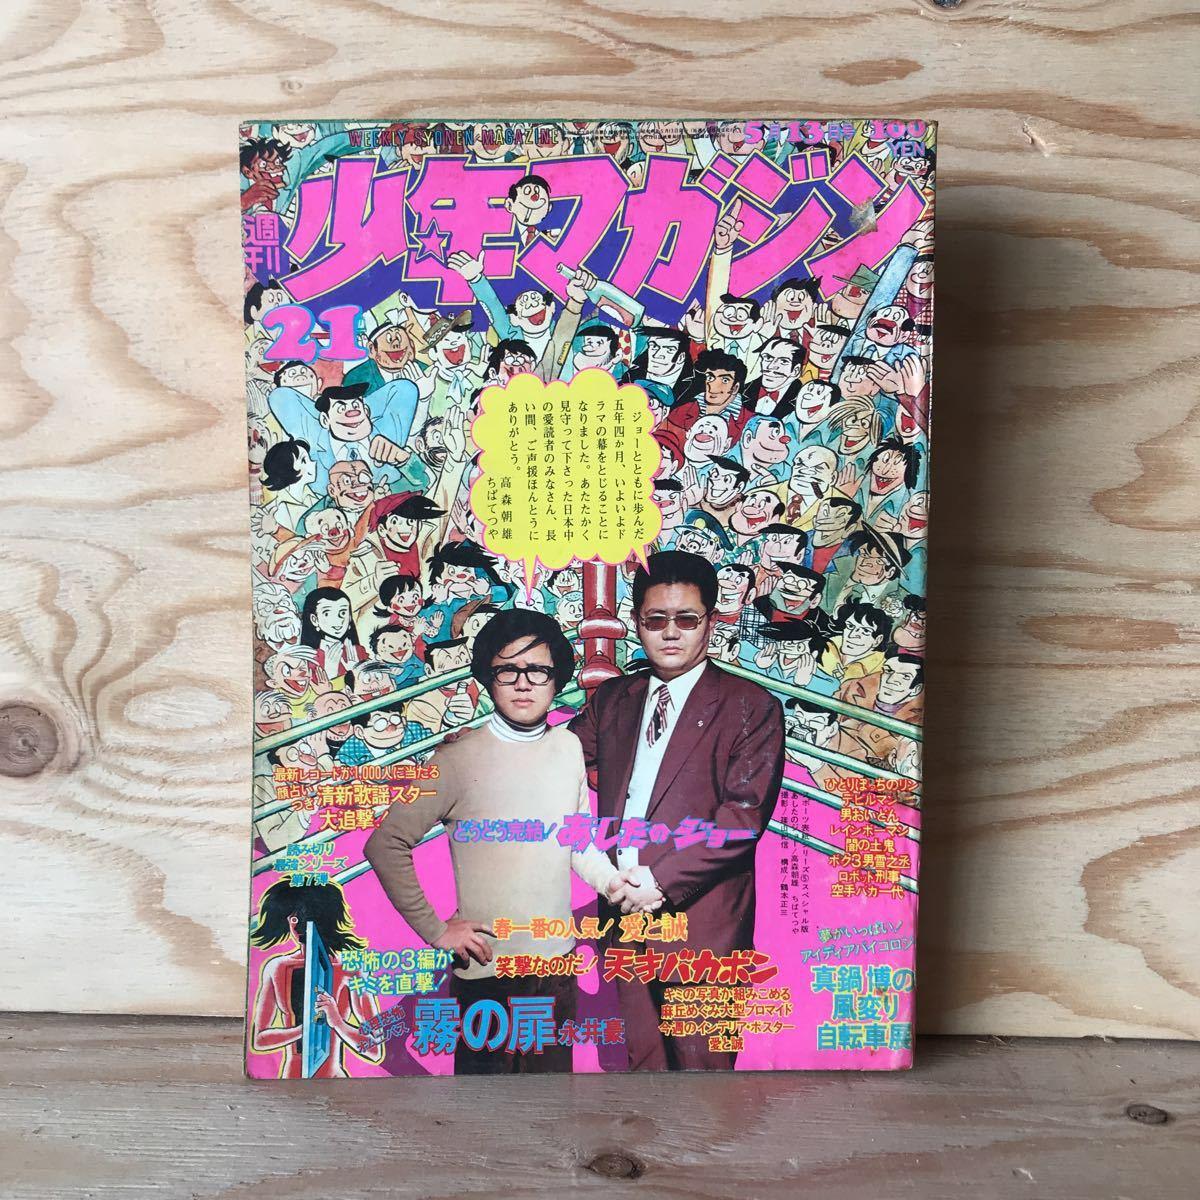 3fid 191023 レア 週刊少年マガジン 1973年21号 あしたのジョー最終